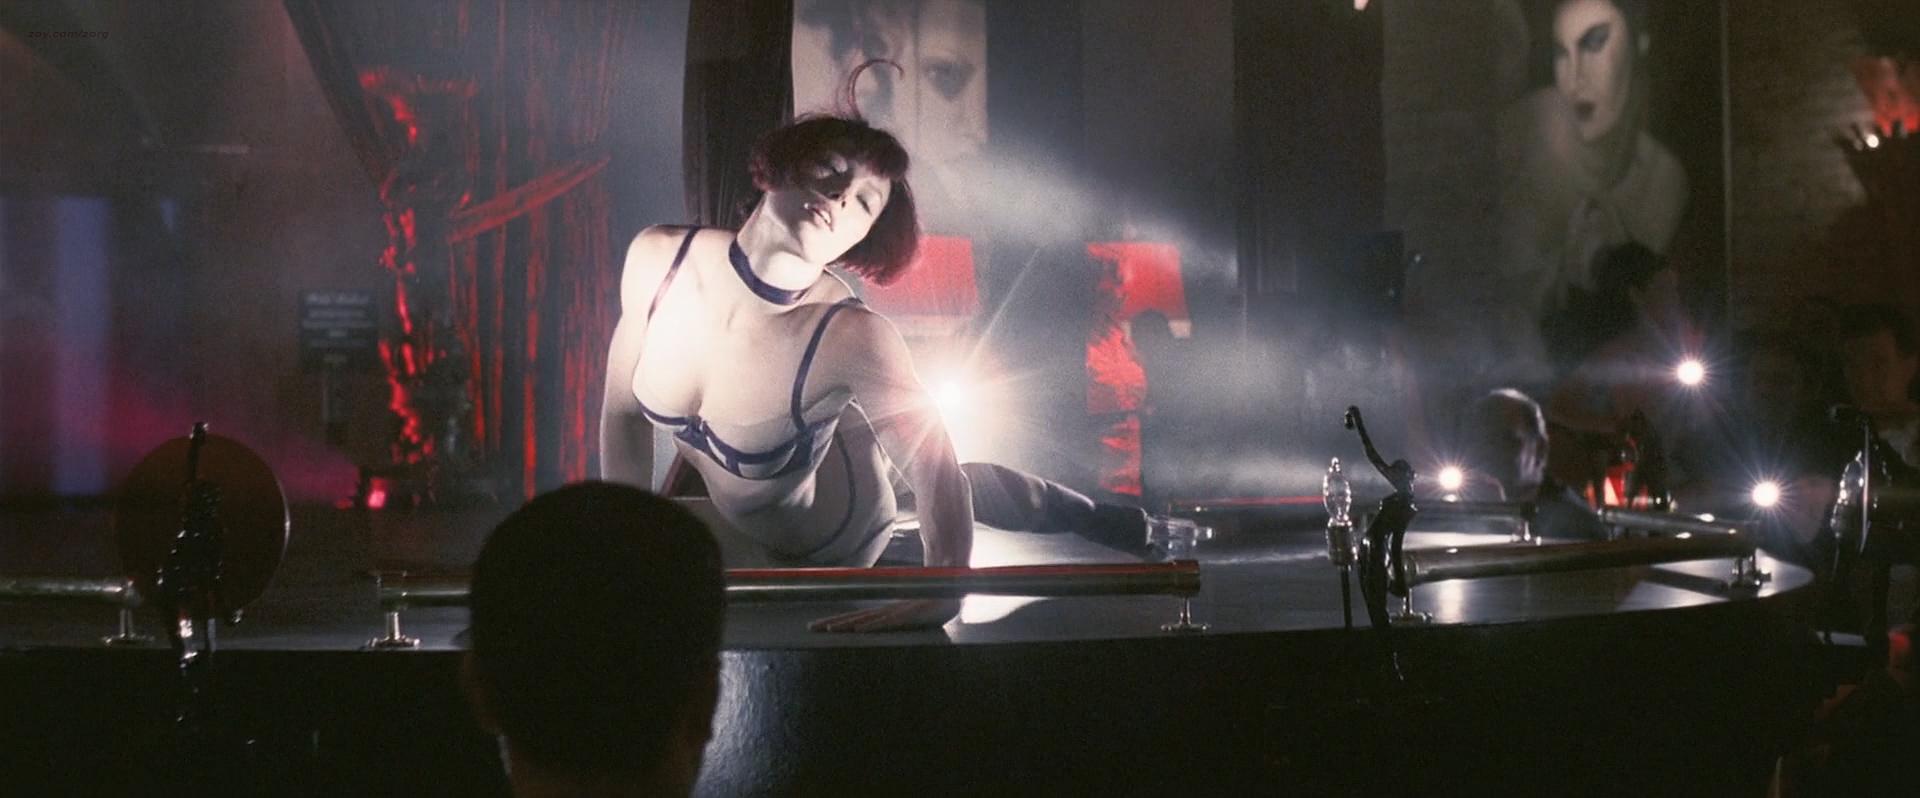 Jessica Biel nude topless ultra hot - Powder Blue (2009) HD 1080p BluRay (12)